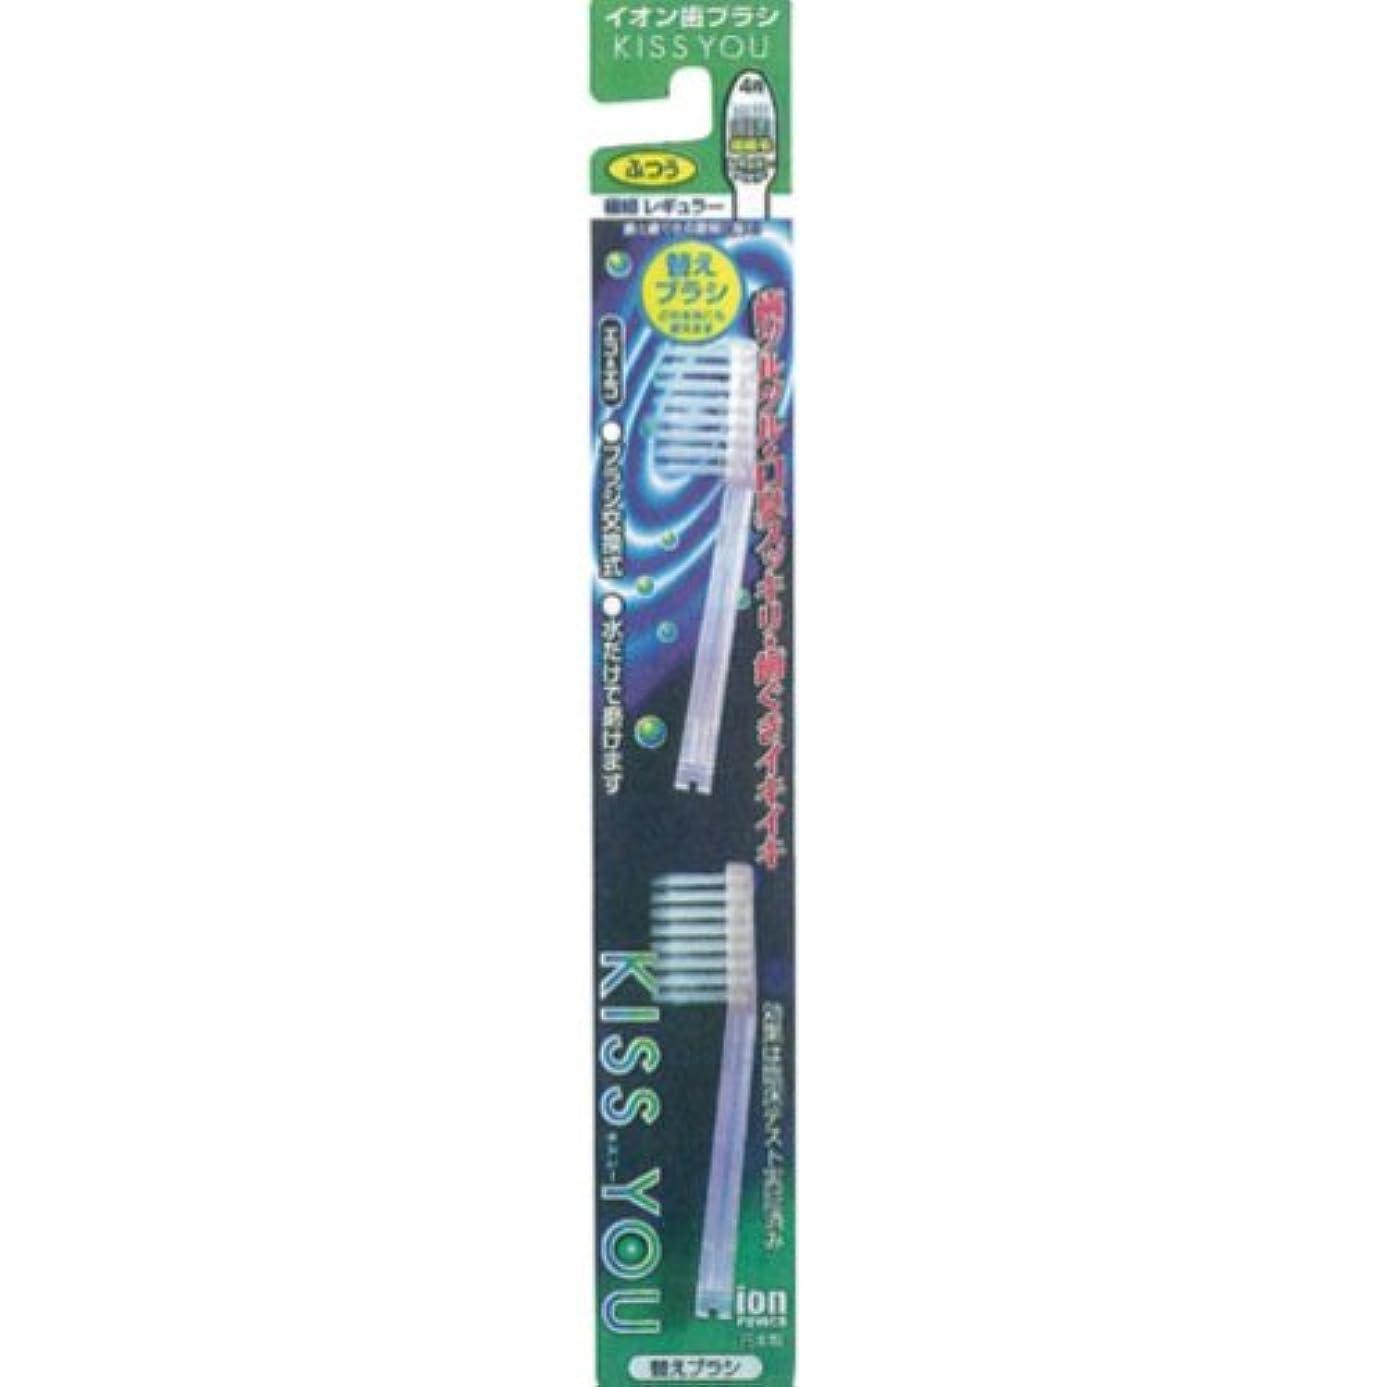 十分ではない本物の避難するフクバデンタル キスユー イオン歯ブラシ 極細レギュラー 替えブラシ ふつう (2本入)